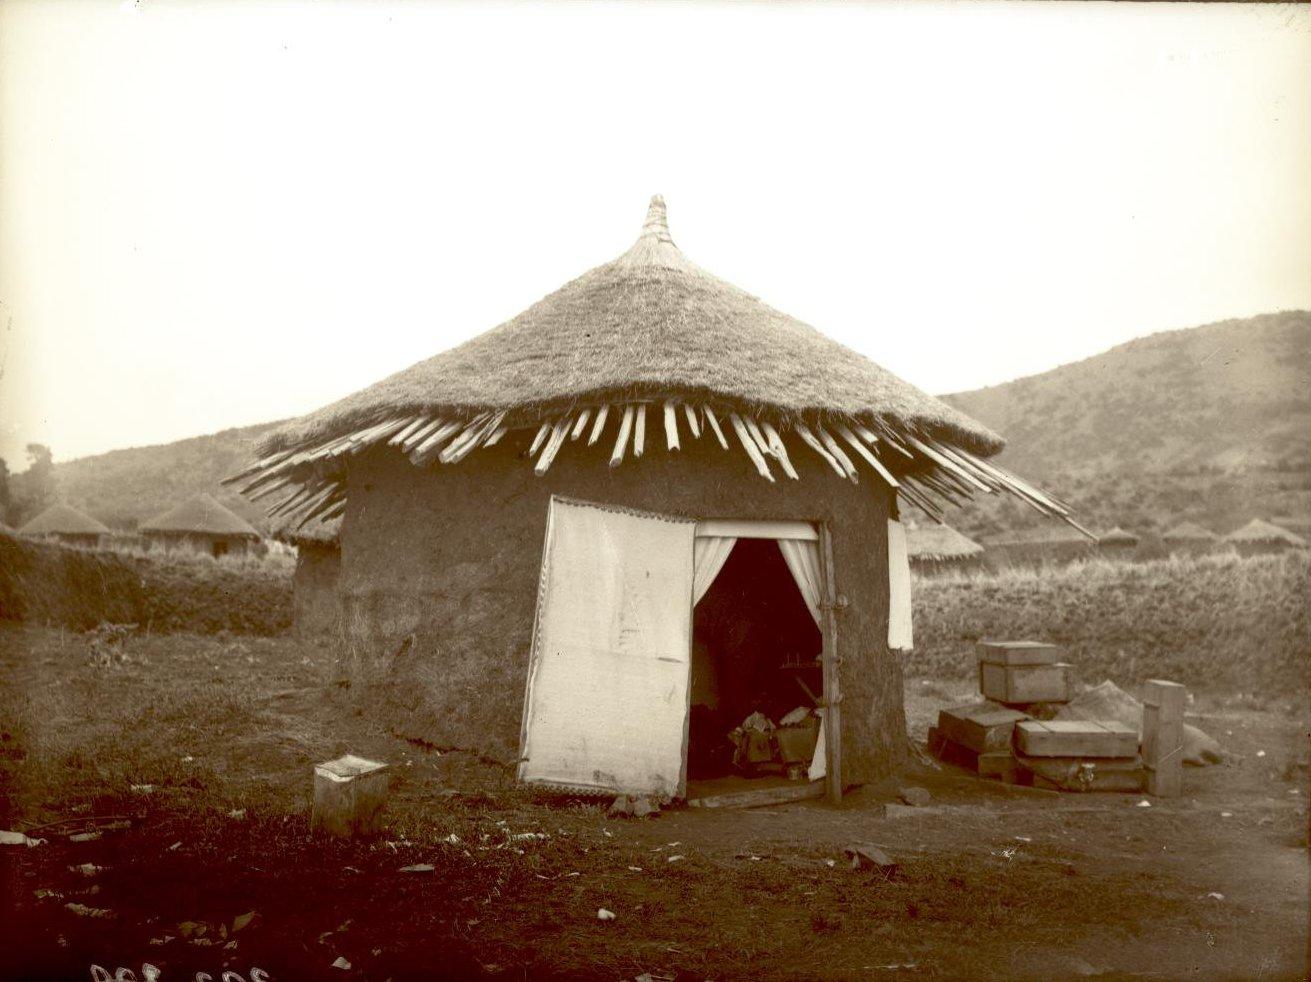 323. 1899. Абиссиния. г. Аддис-Абеба. Дом врача Драгомирова